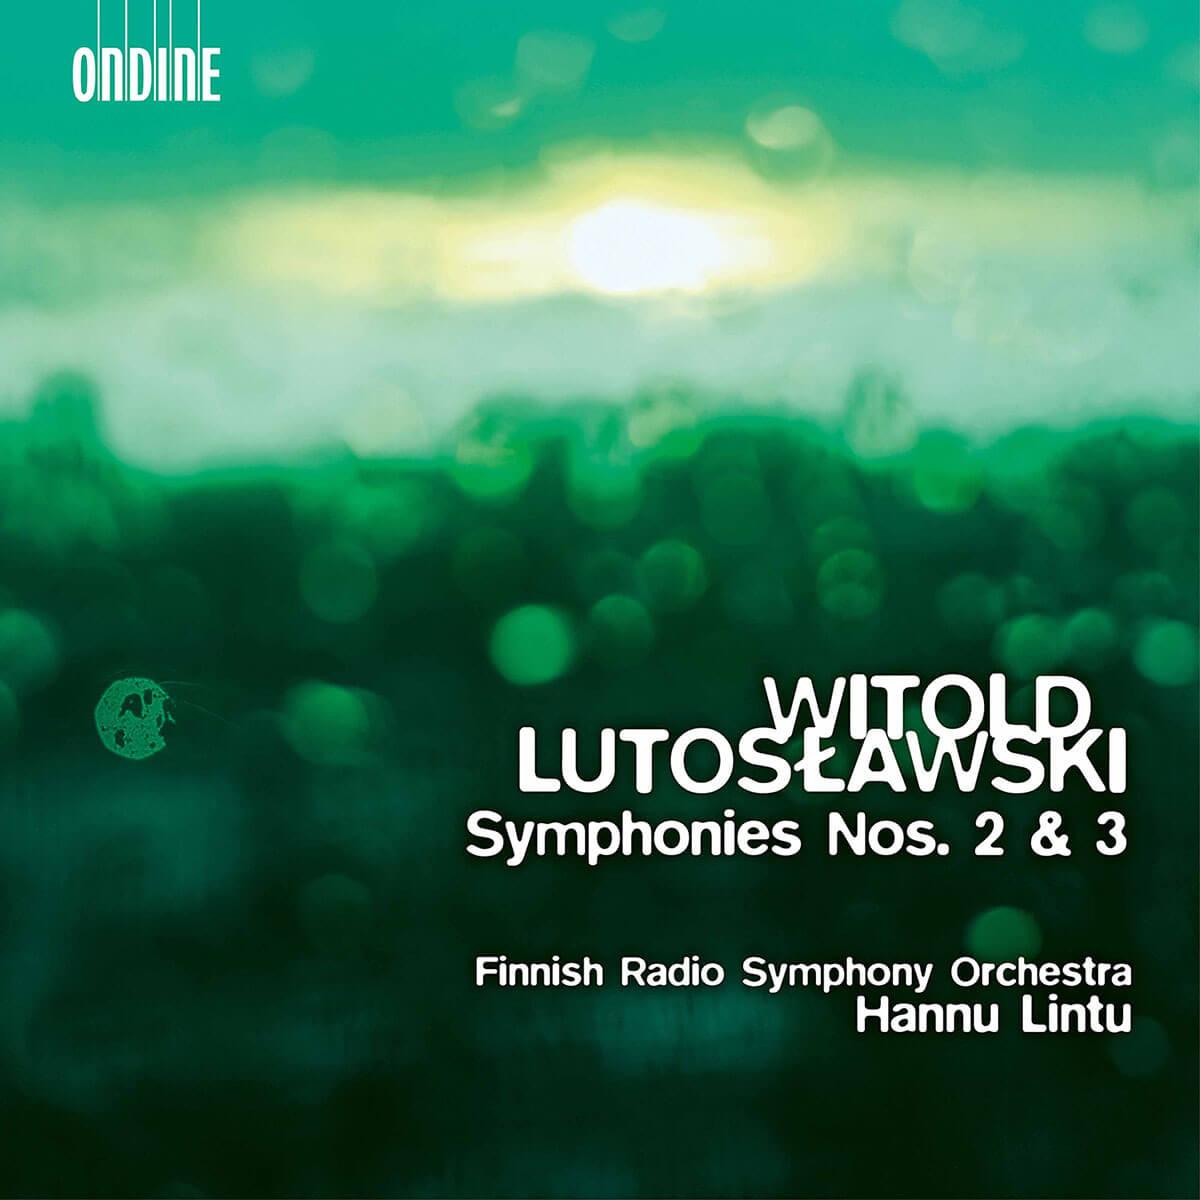 Finnish_Radio_Symphony_Orchestra_-_Hannu_Lintu